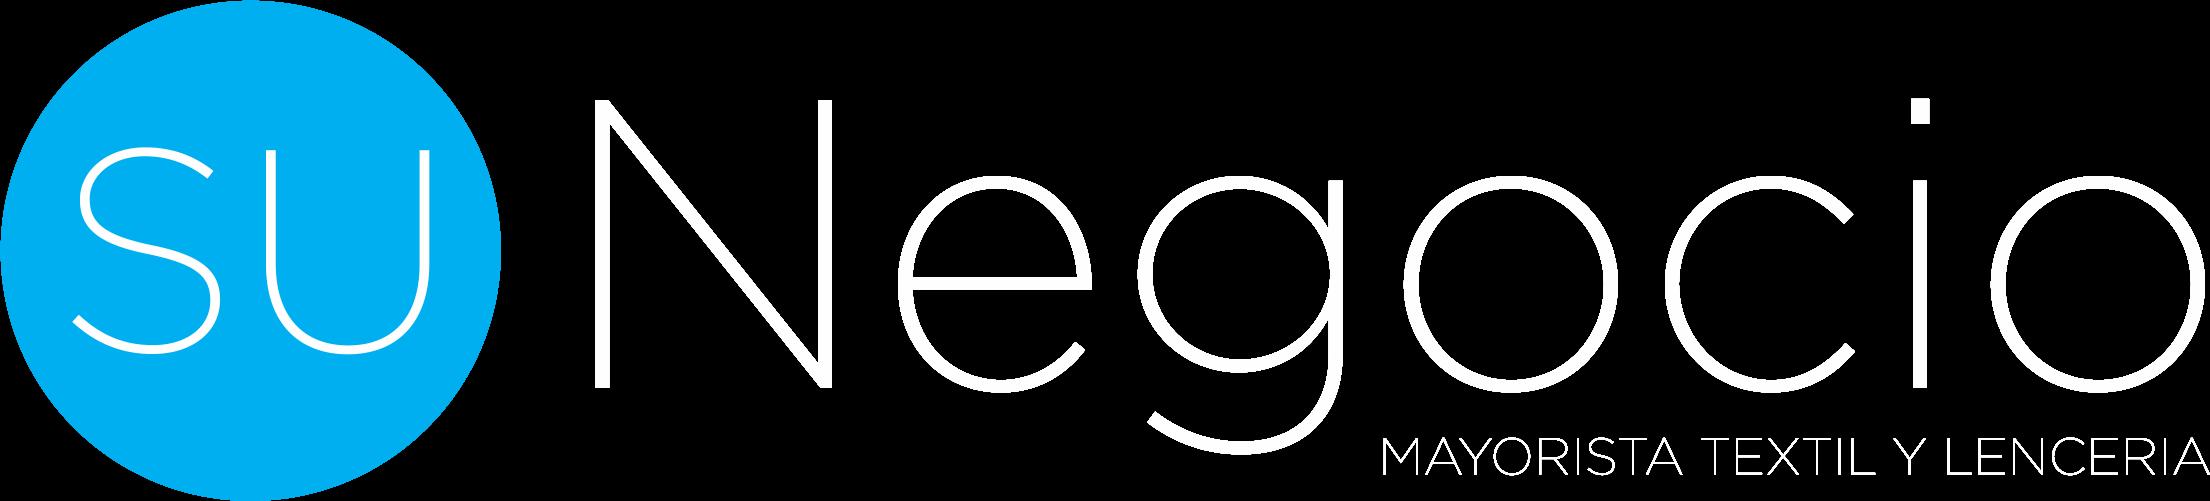 logo_sunegocio_web2